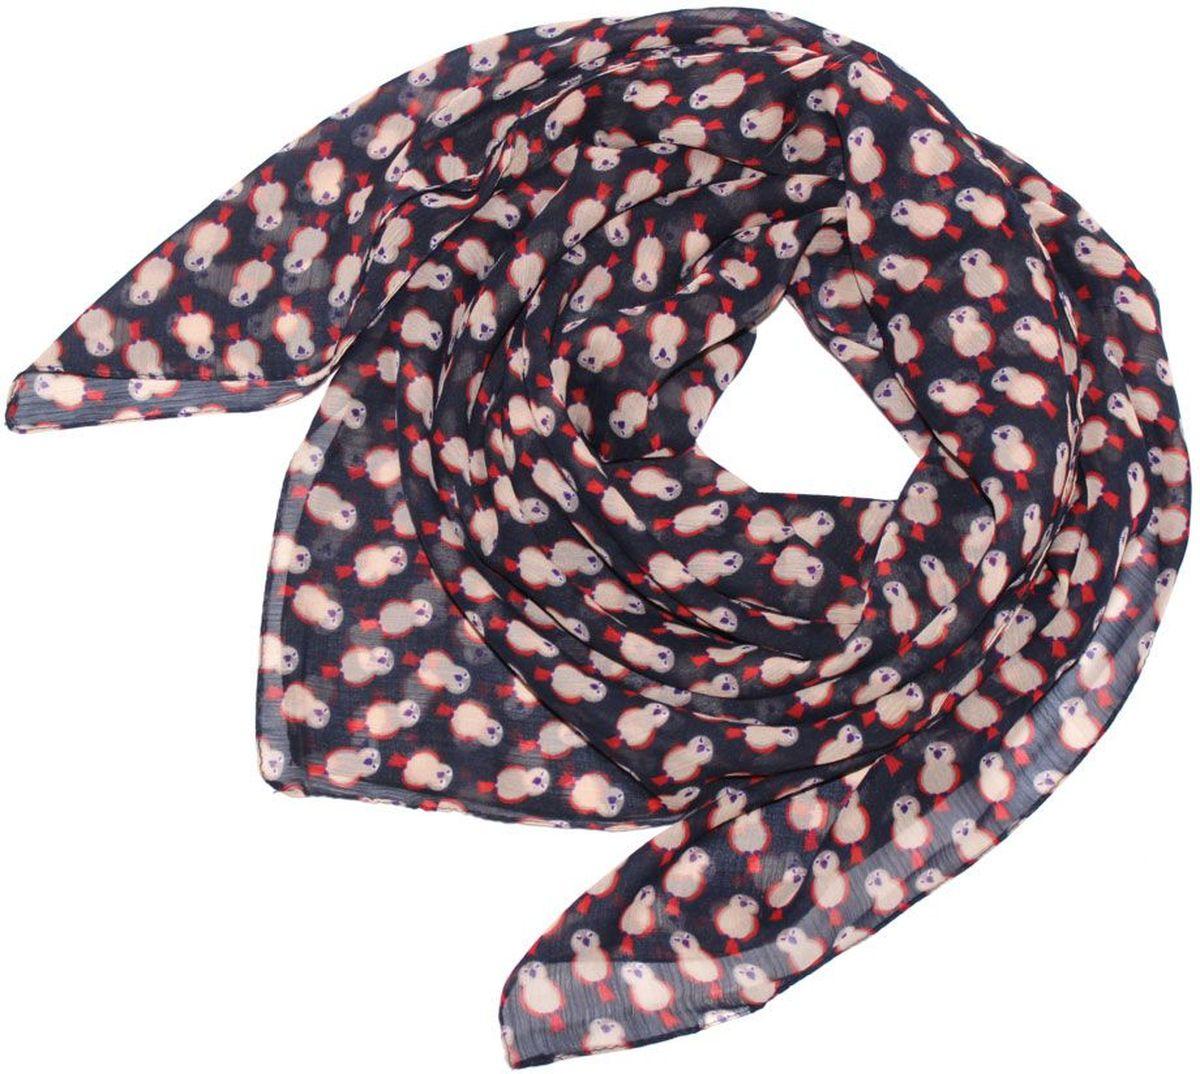 Платок женский Ethnica, цвет: темно-синий, бежевый, красный. 524040н. Размер 90 см х 90 см524040нПлаток Ethnica, выполненный из вискозы, гармонично дополнит образ современной женщины. Благодаря своему составу, он легкий, мягкий и приятный на ощупь. Модель оформлена оригинальным принтом. Классическая квадратная форма позволяет носить платок на шее, украшать им прическу или декорировать сумочку. С таким платком вы всегда будете выглядеть женственно и привлекательно.